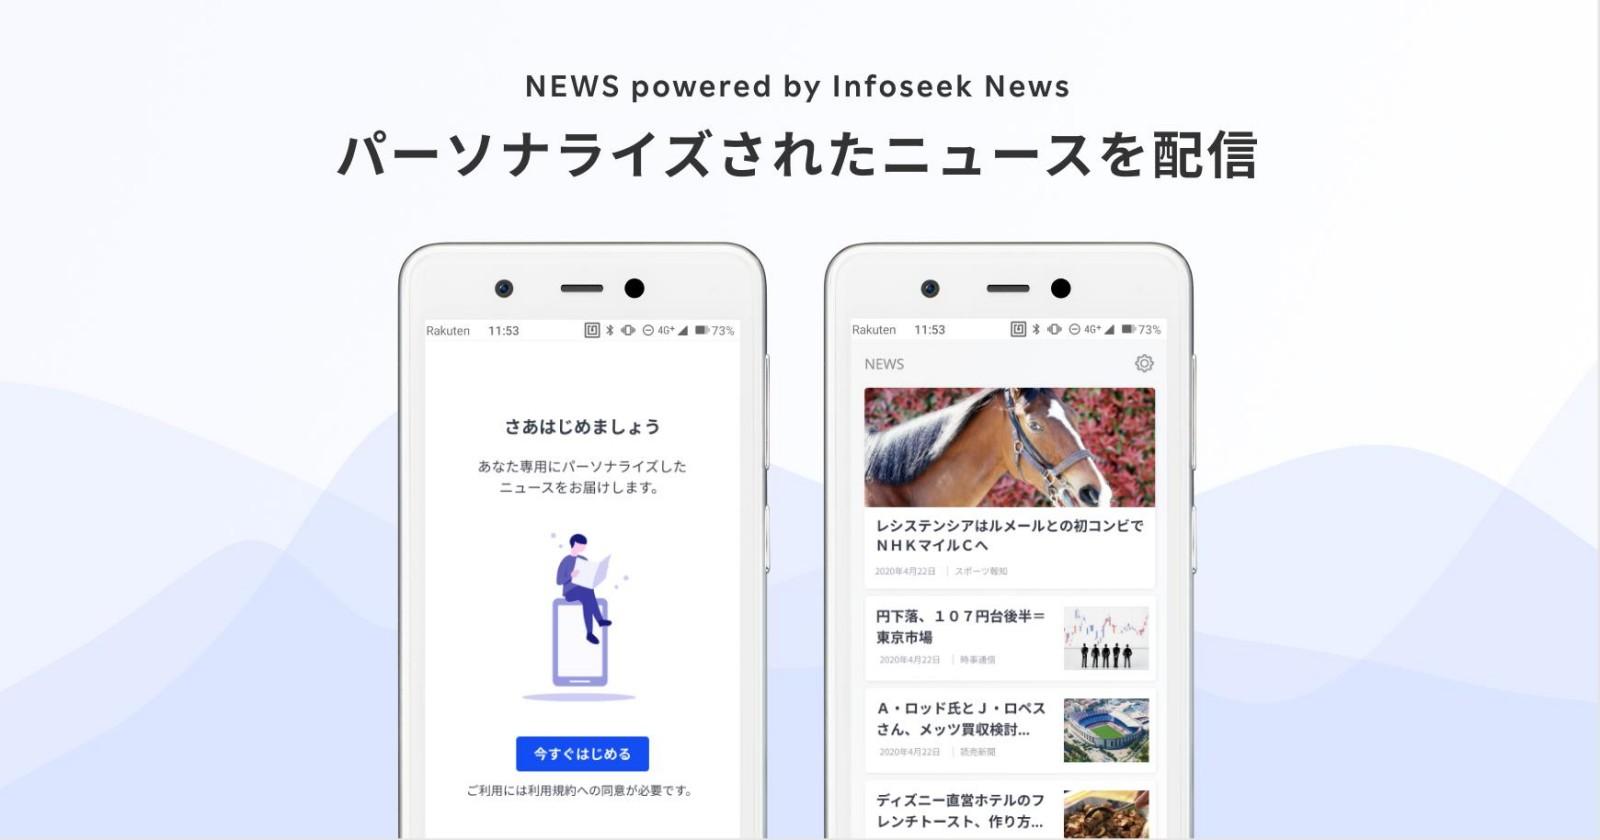 ニュース インフォシーク